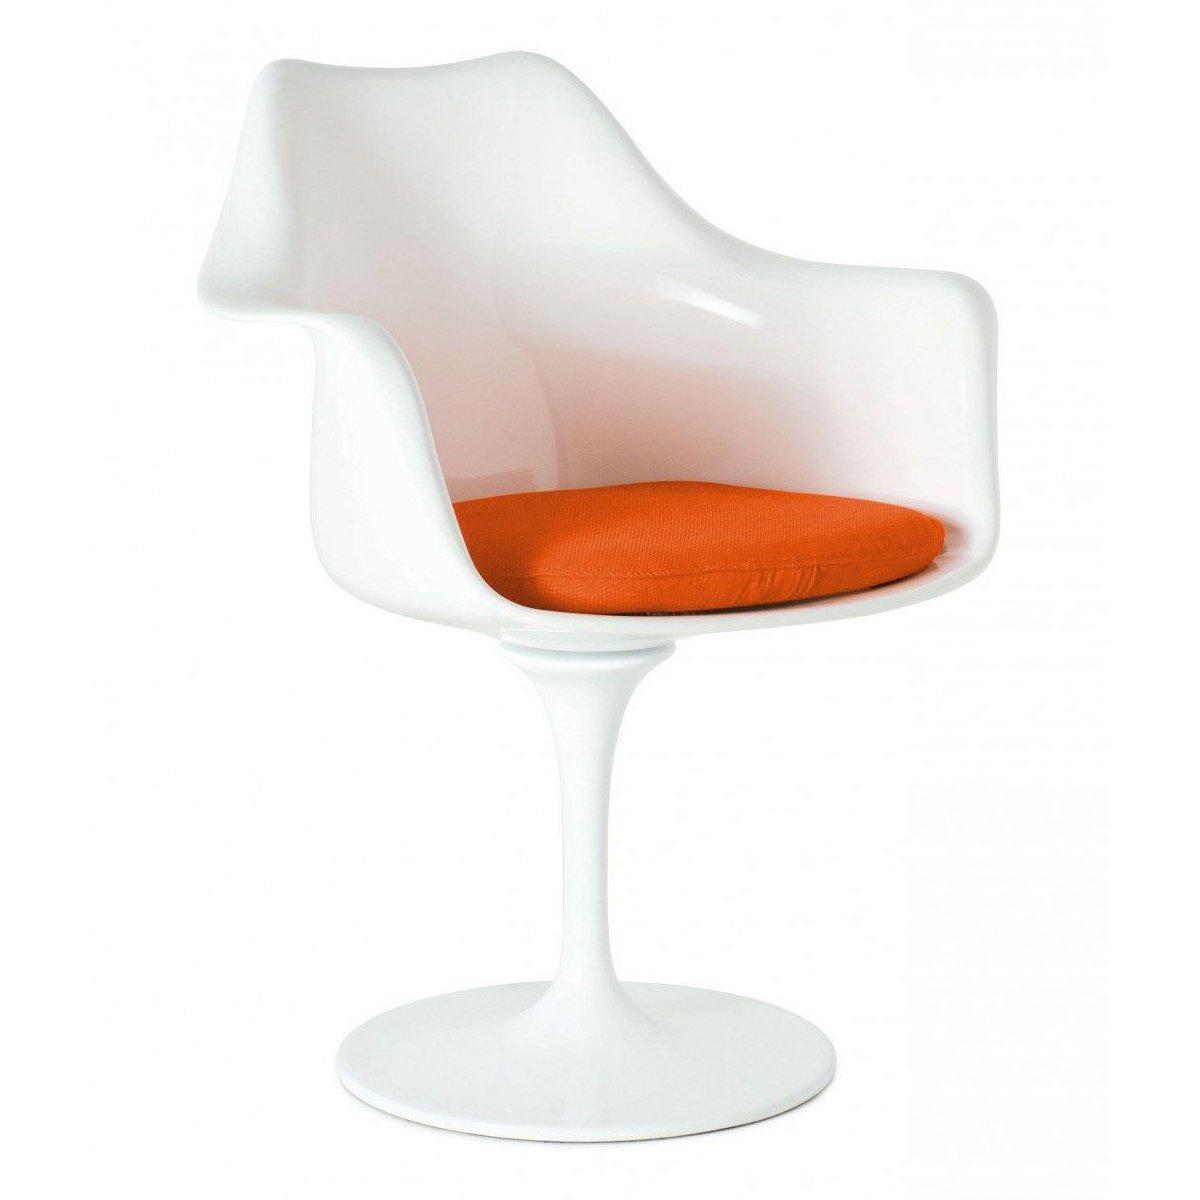 Купить Кресло Tulip Armchair Бело-оранжевое Шерсть в интернет магазине дизайнерской мебели и аксессуаров для дома и дачи